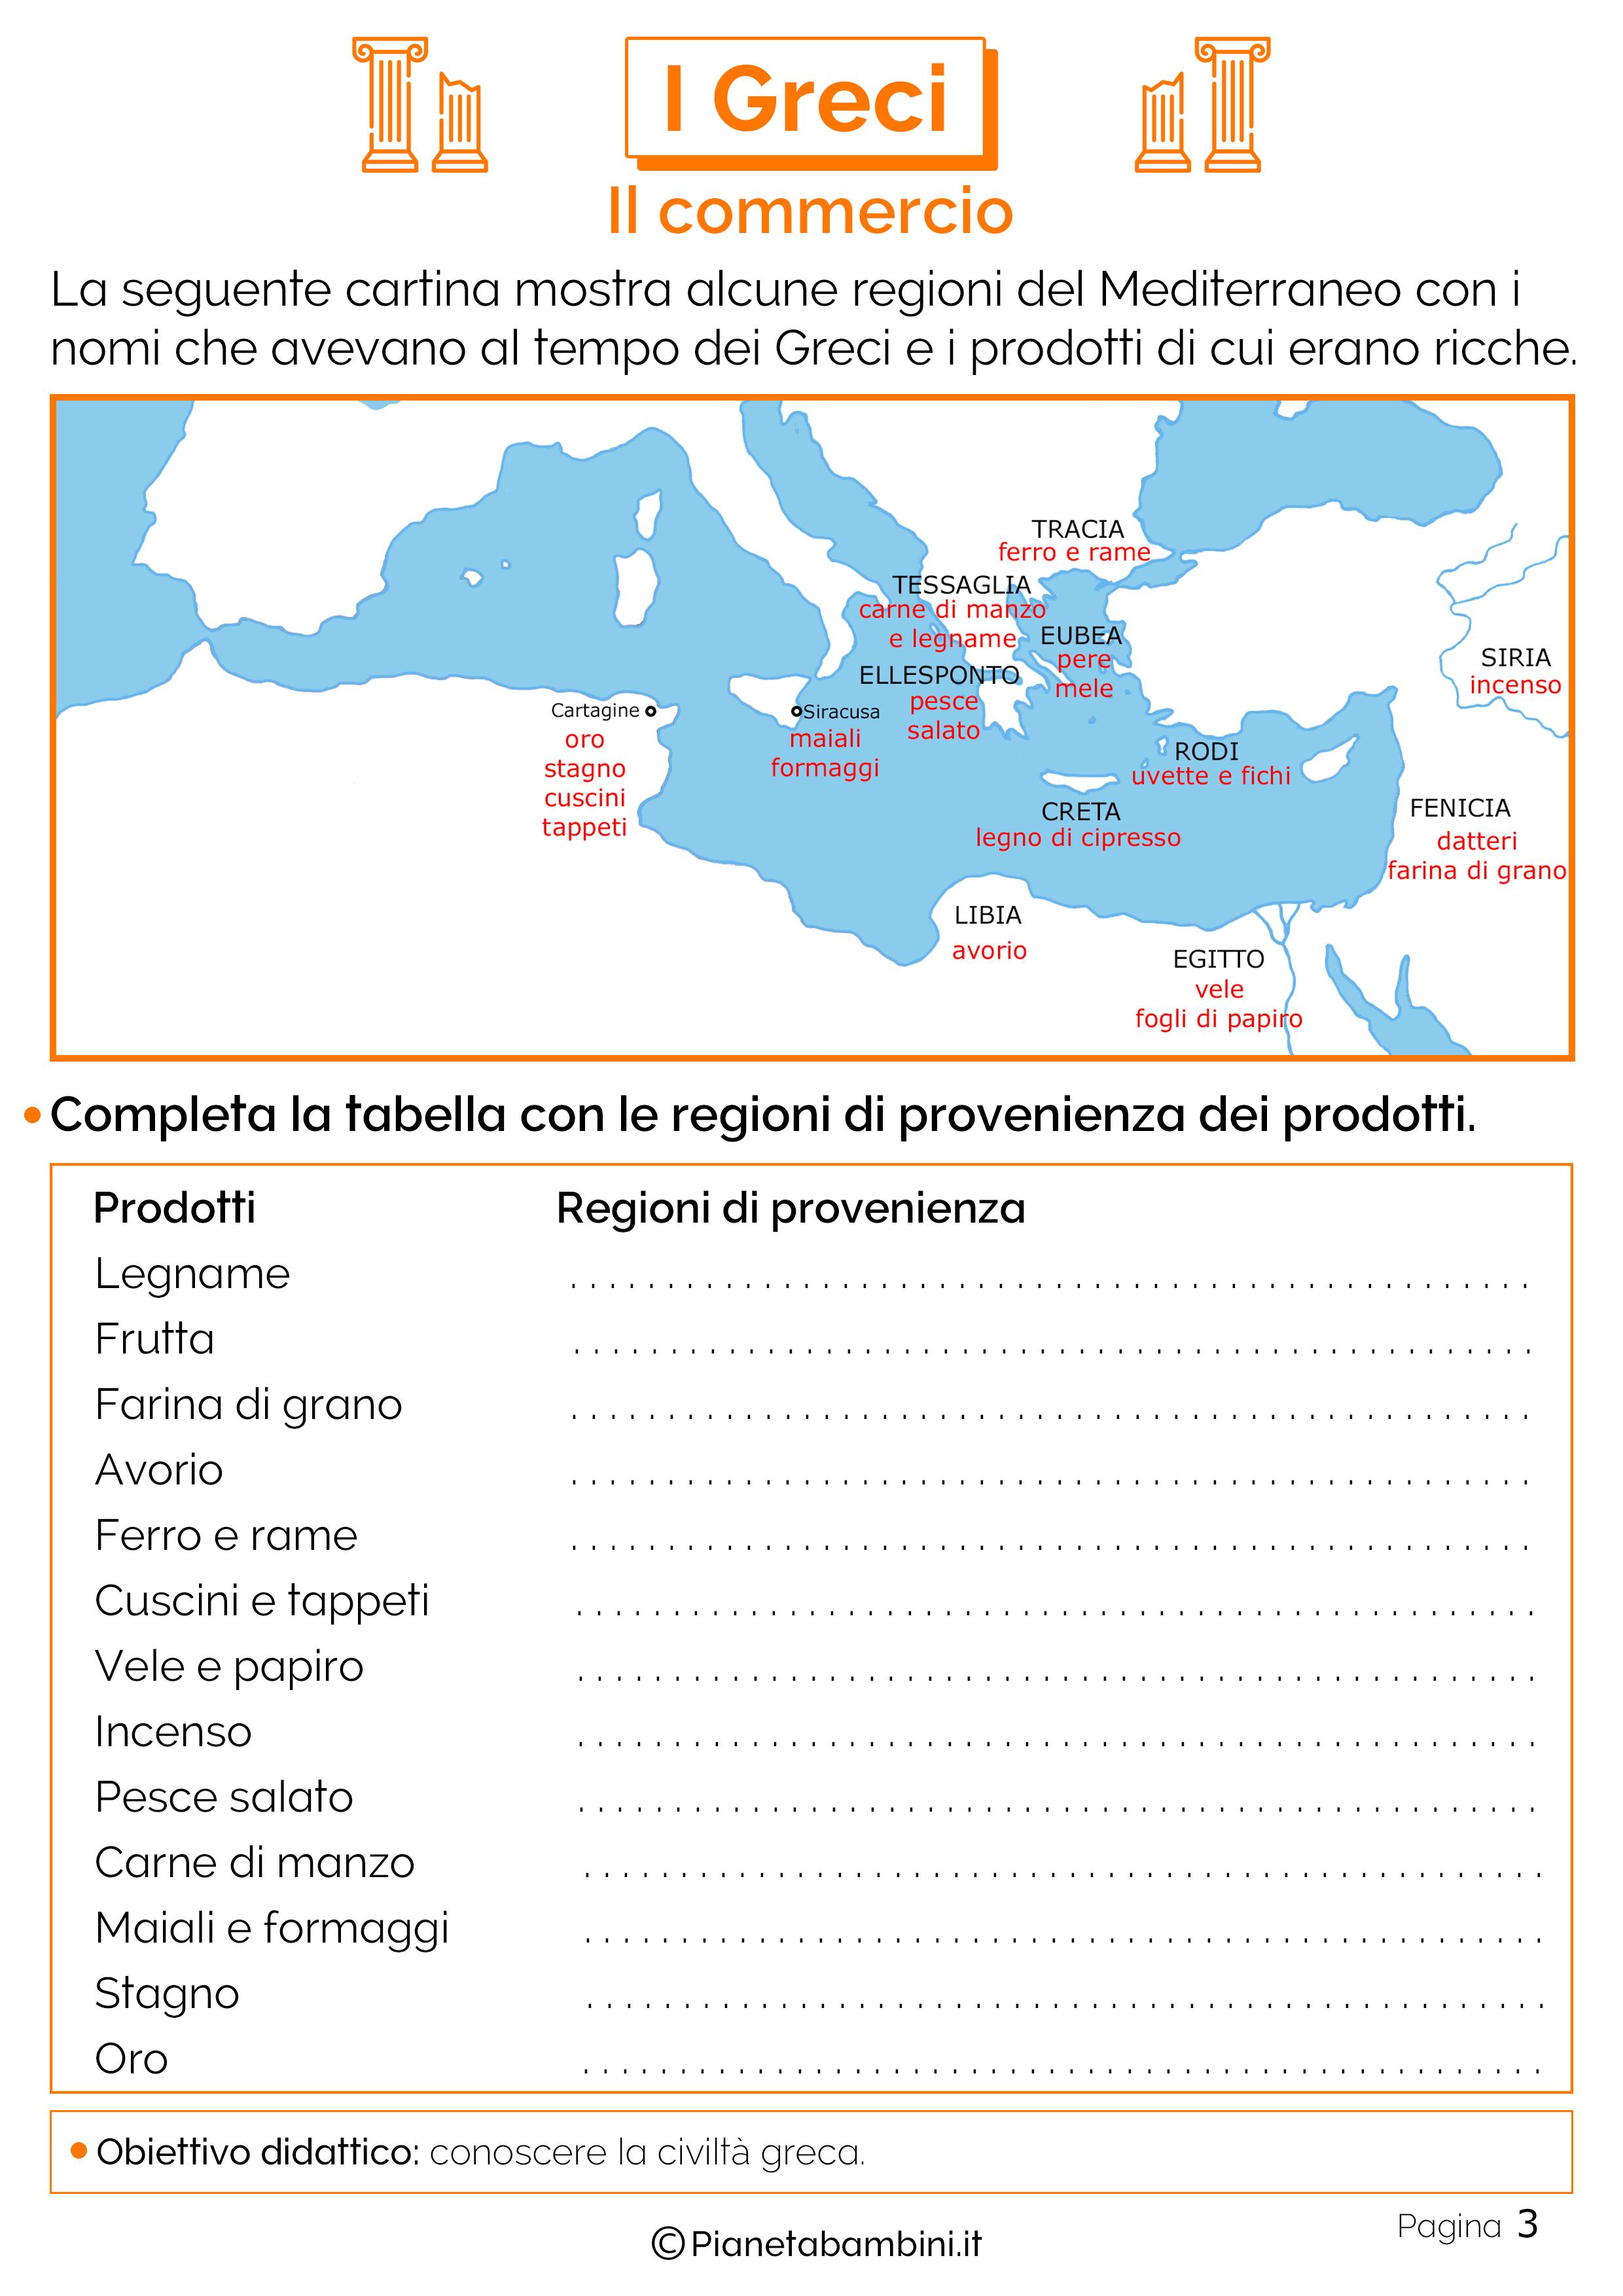 Il commercio dei greci